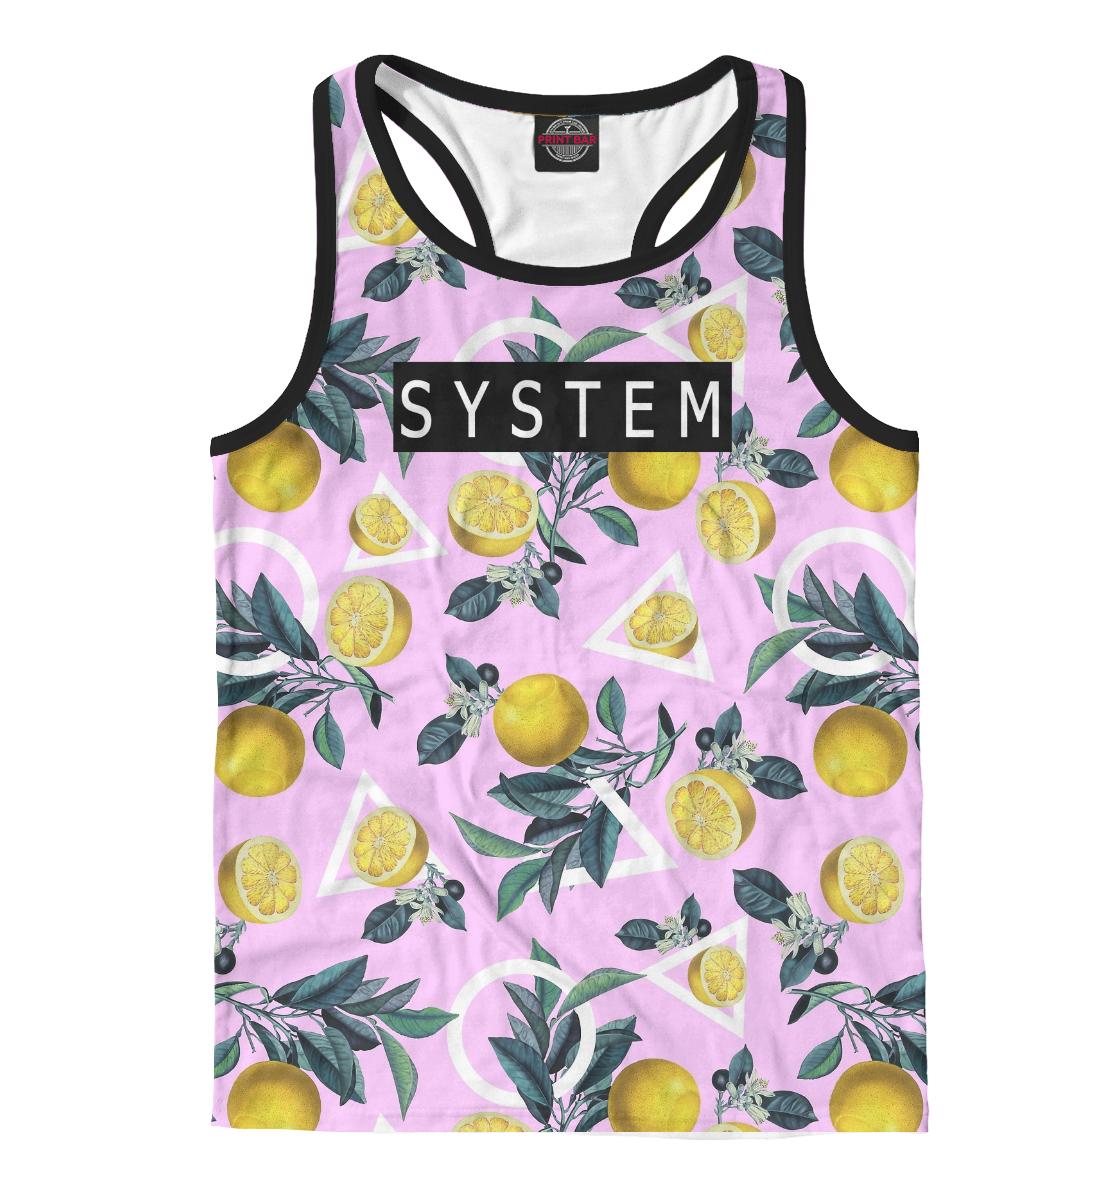 Купить Лимонное безумие, Printbar, Майки борцовки, EDA-514074-mayb-2